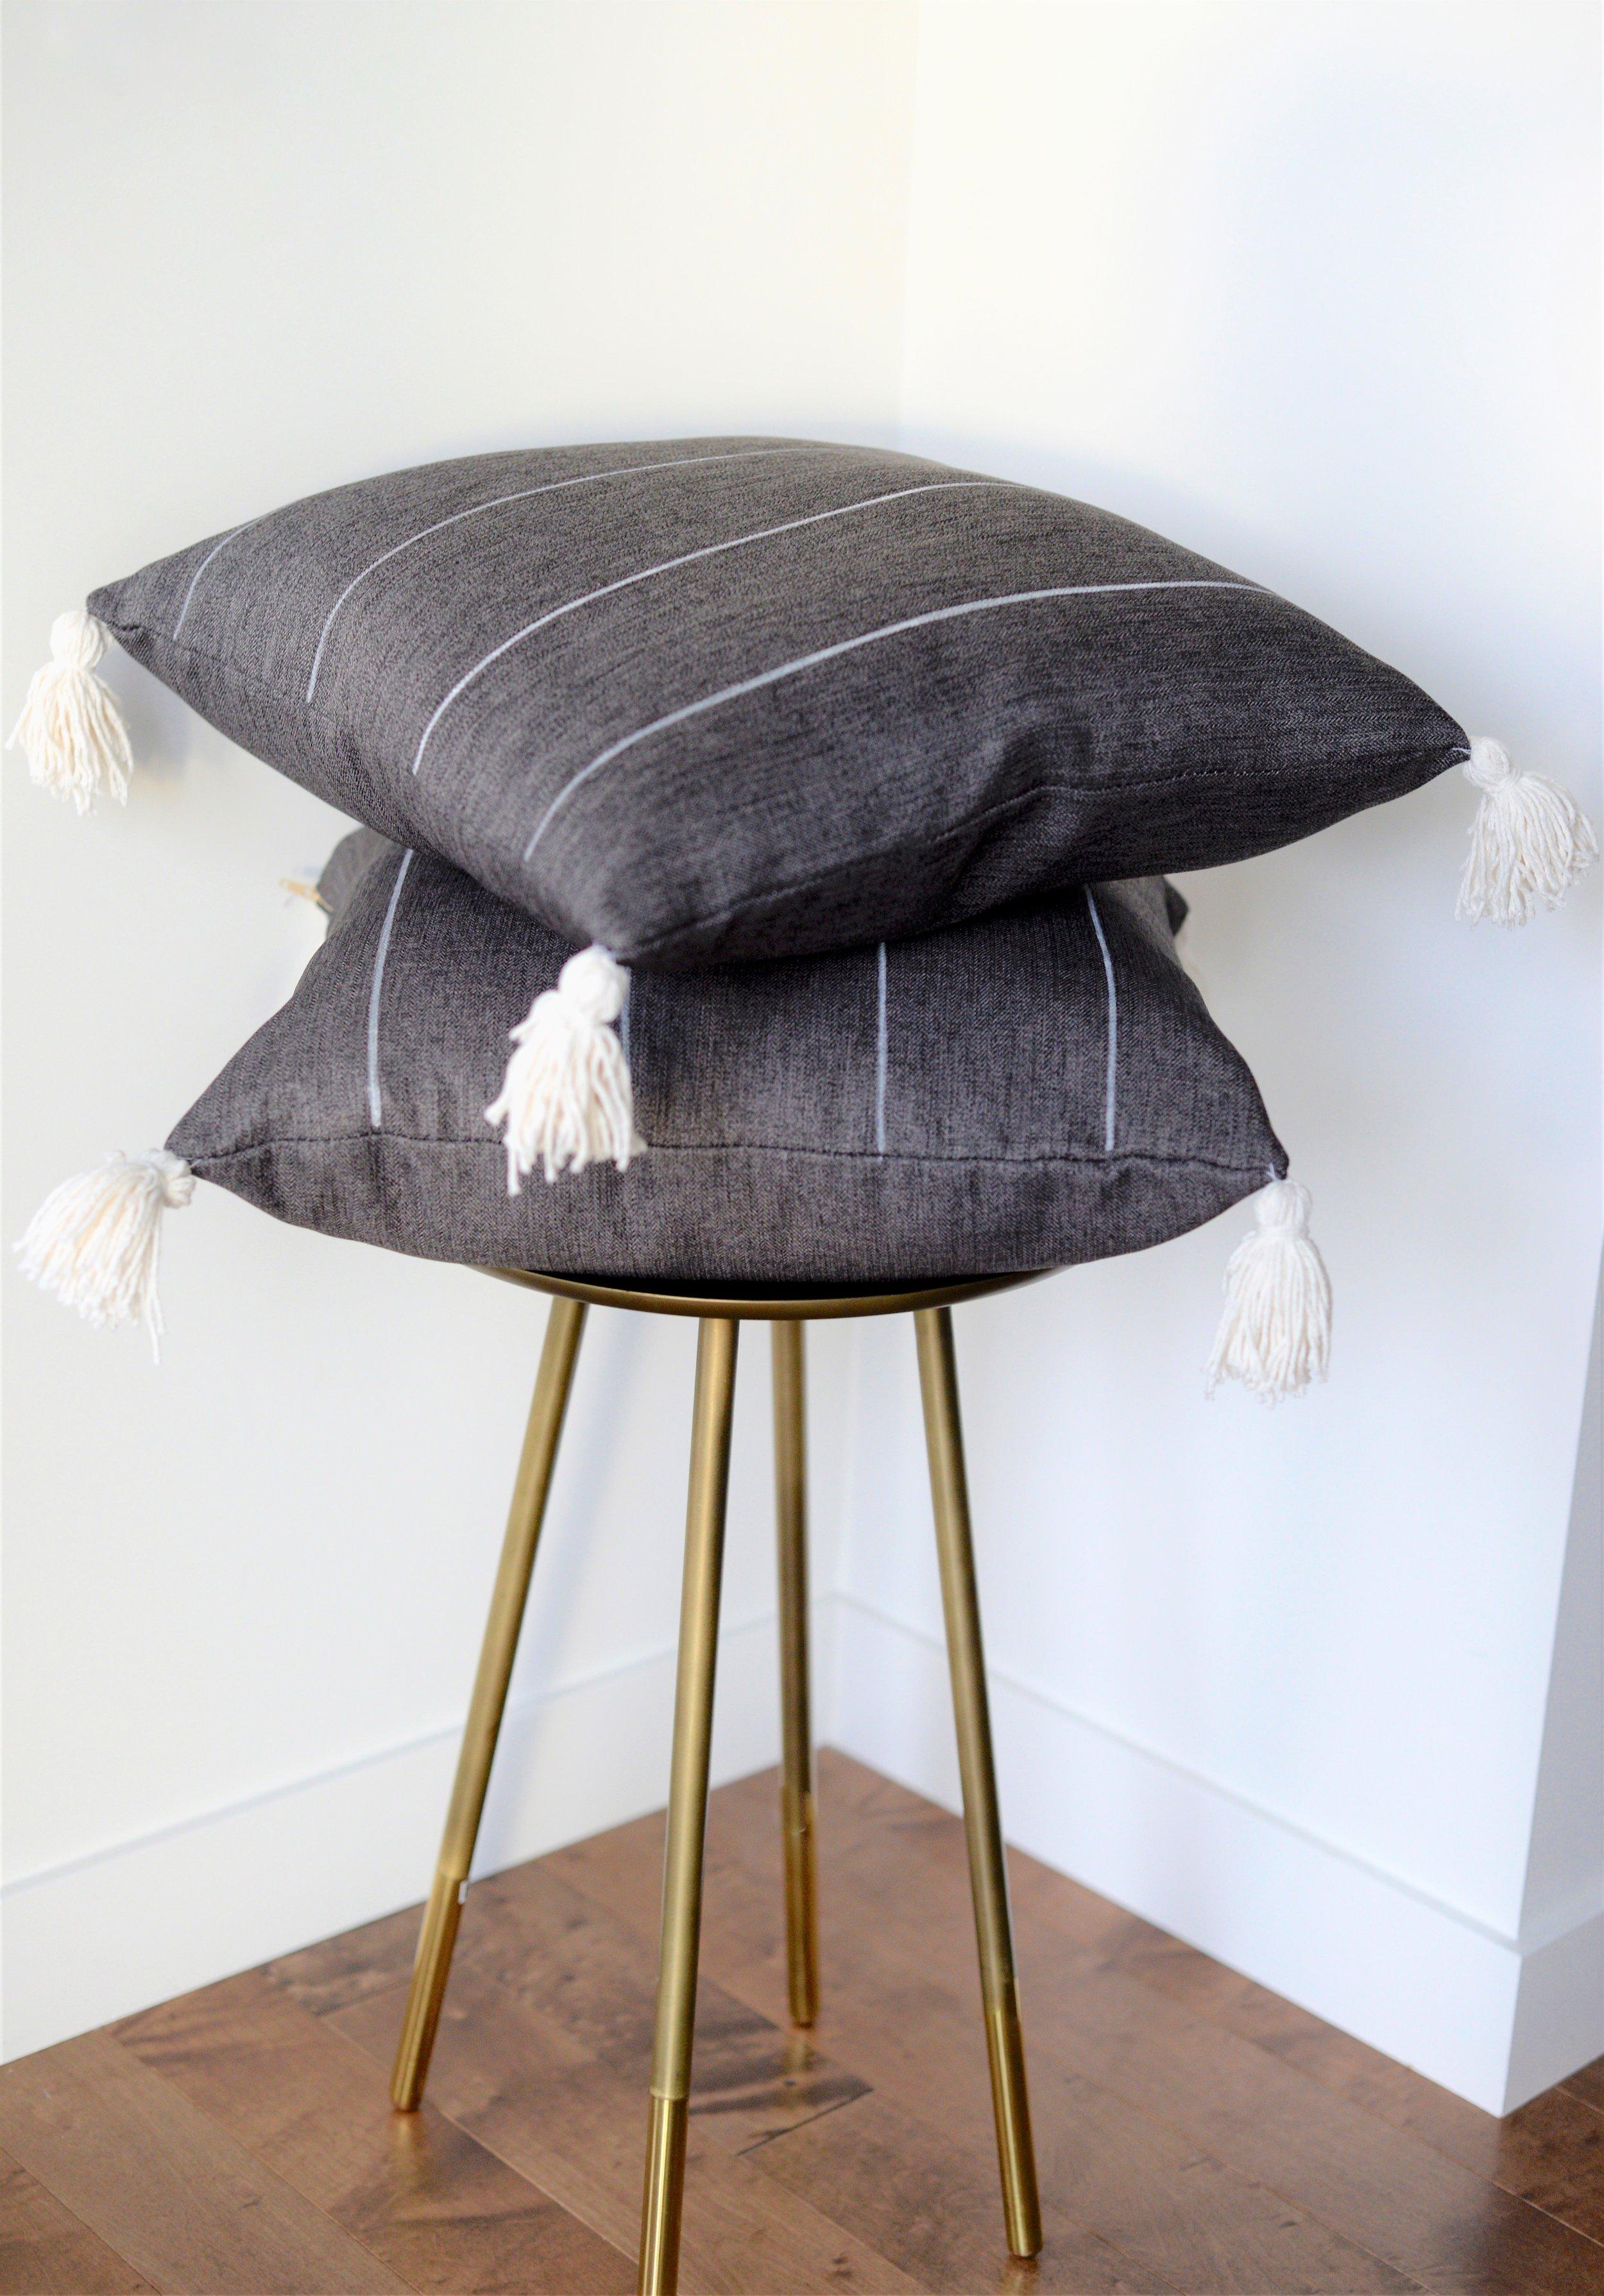 grey striped cushion with tassels DIY